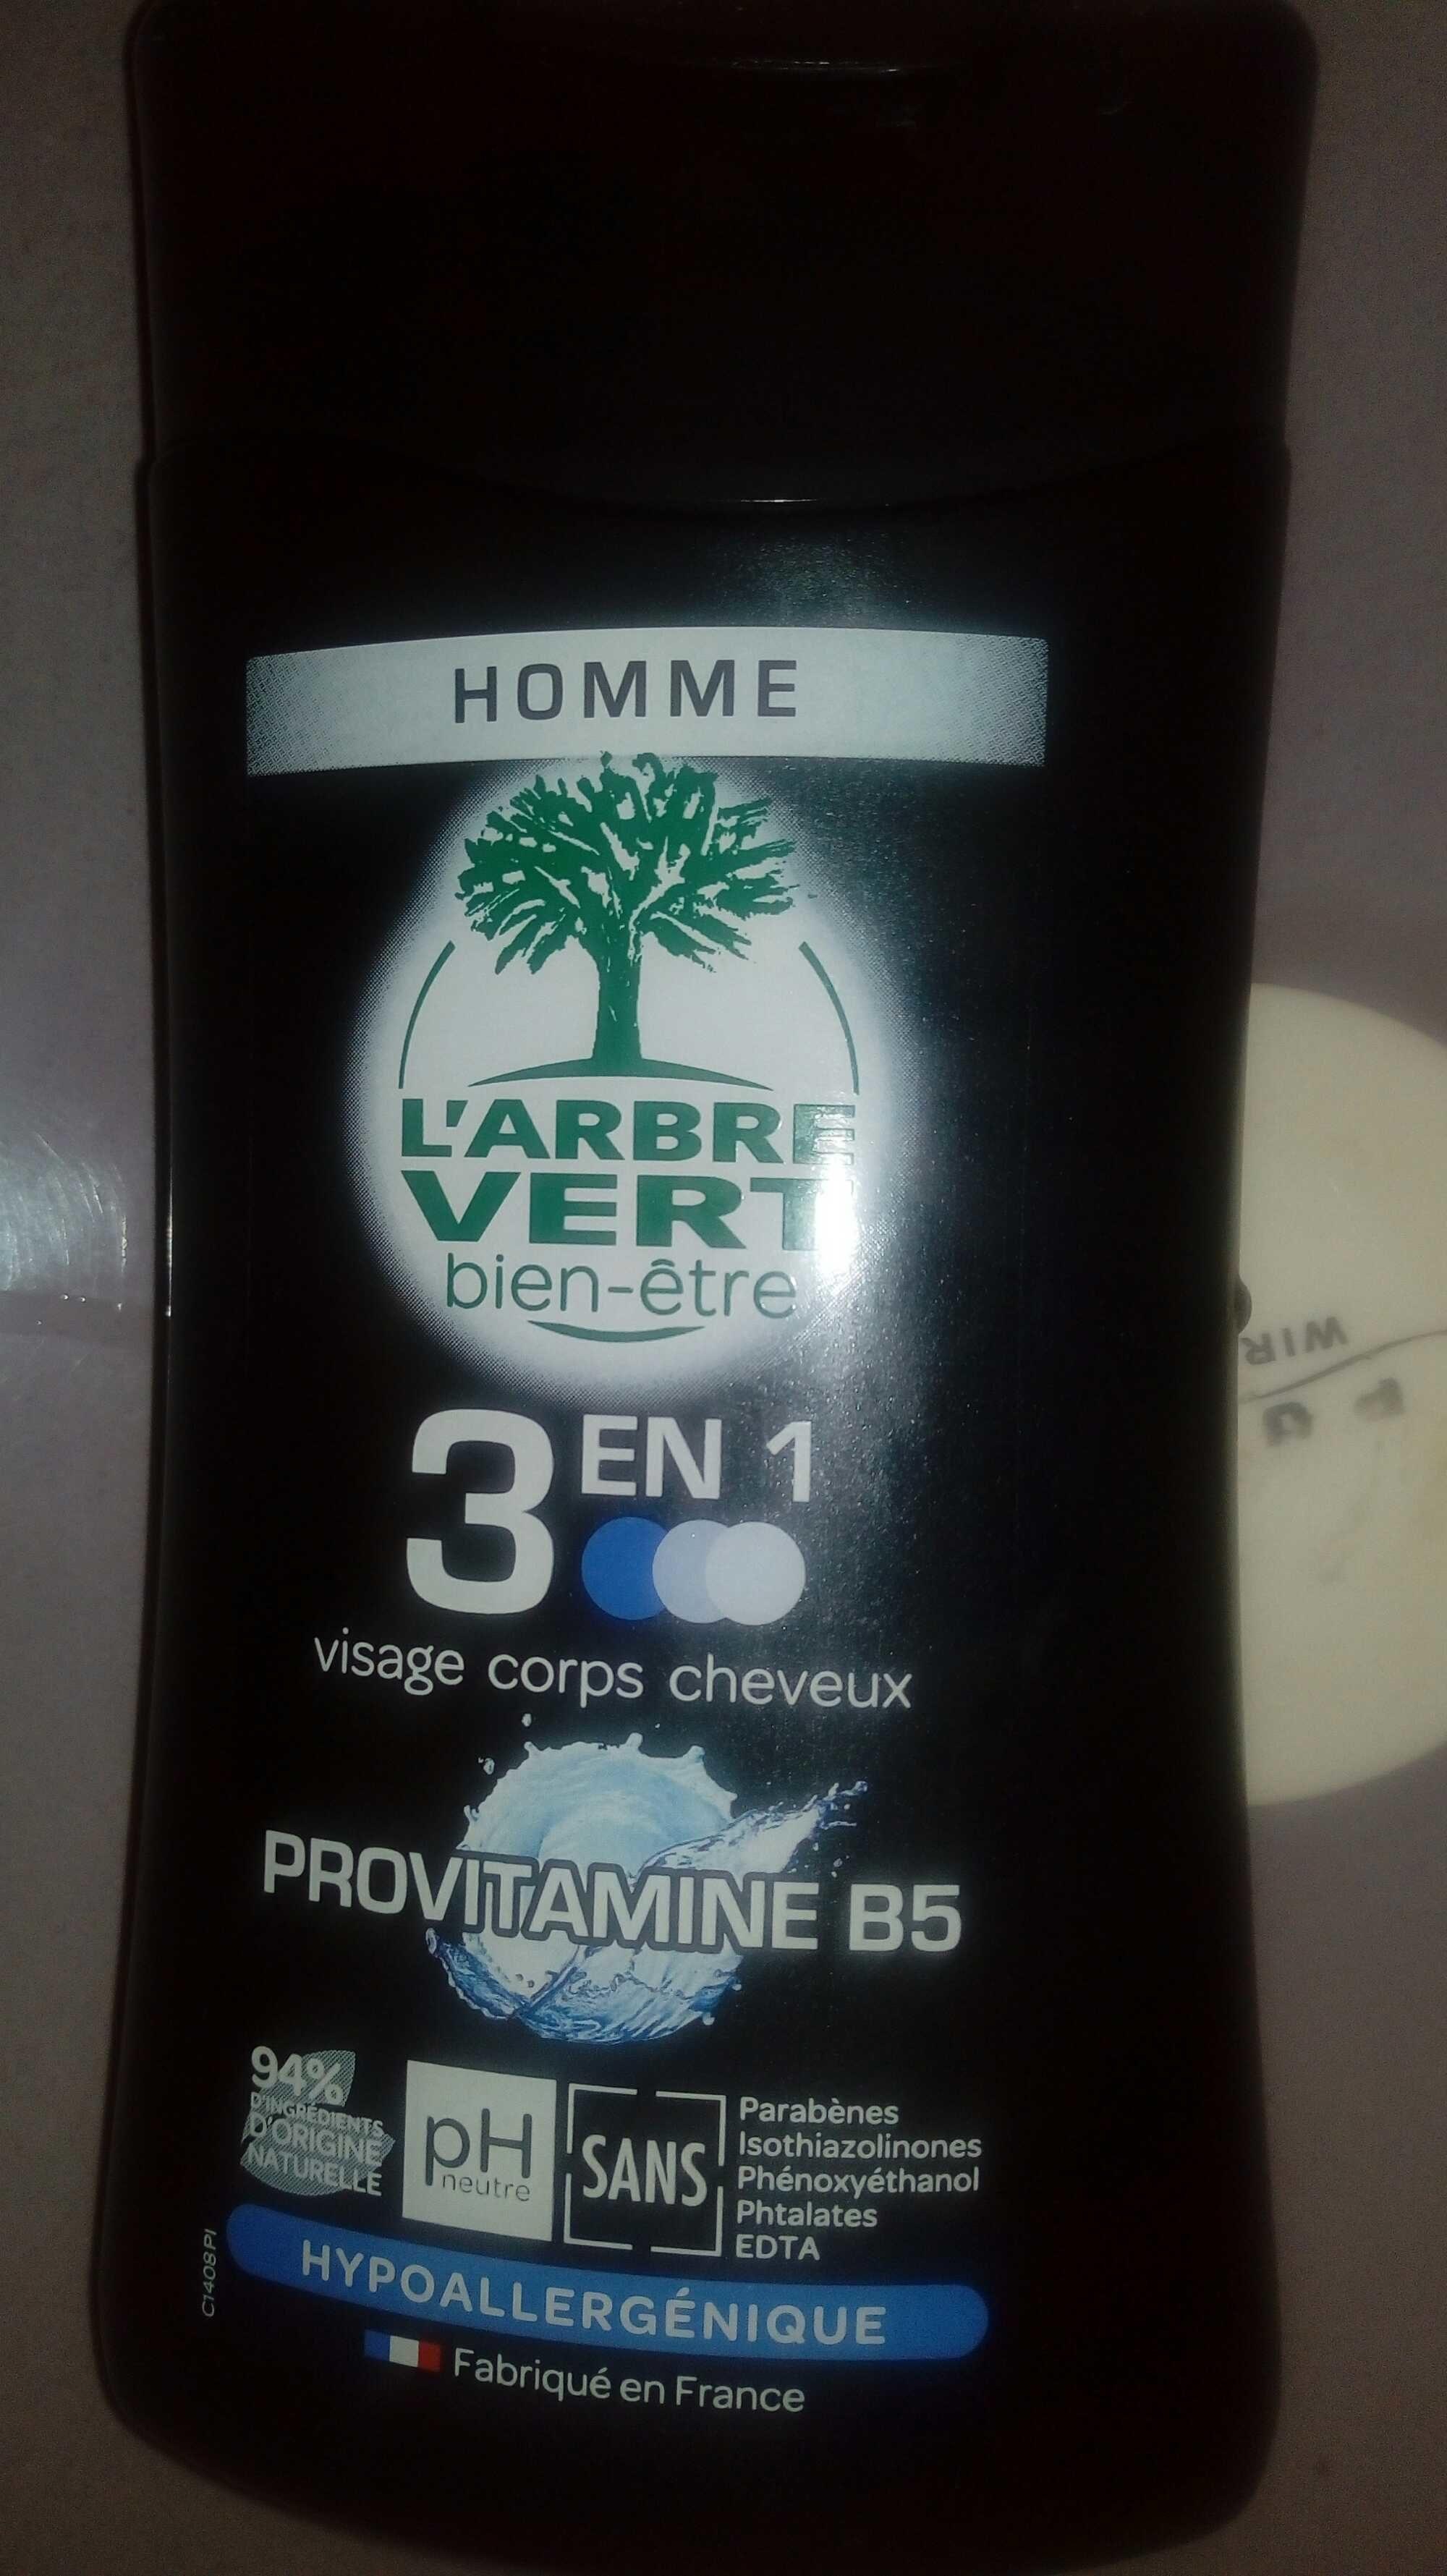 3 en 1 homme provitamine b5 - Product - fr